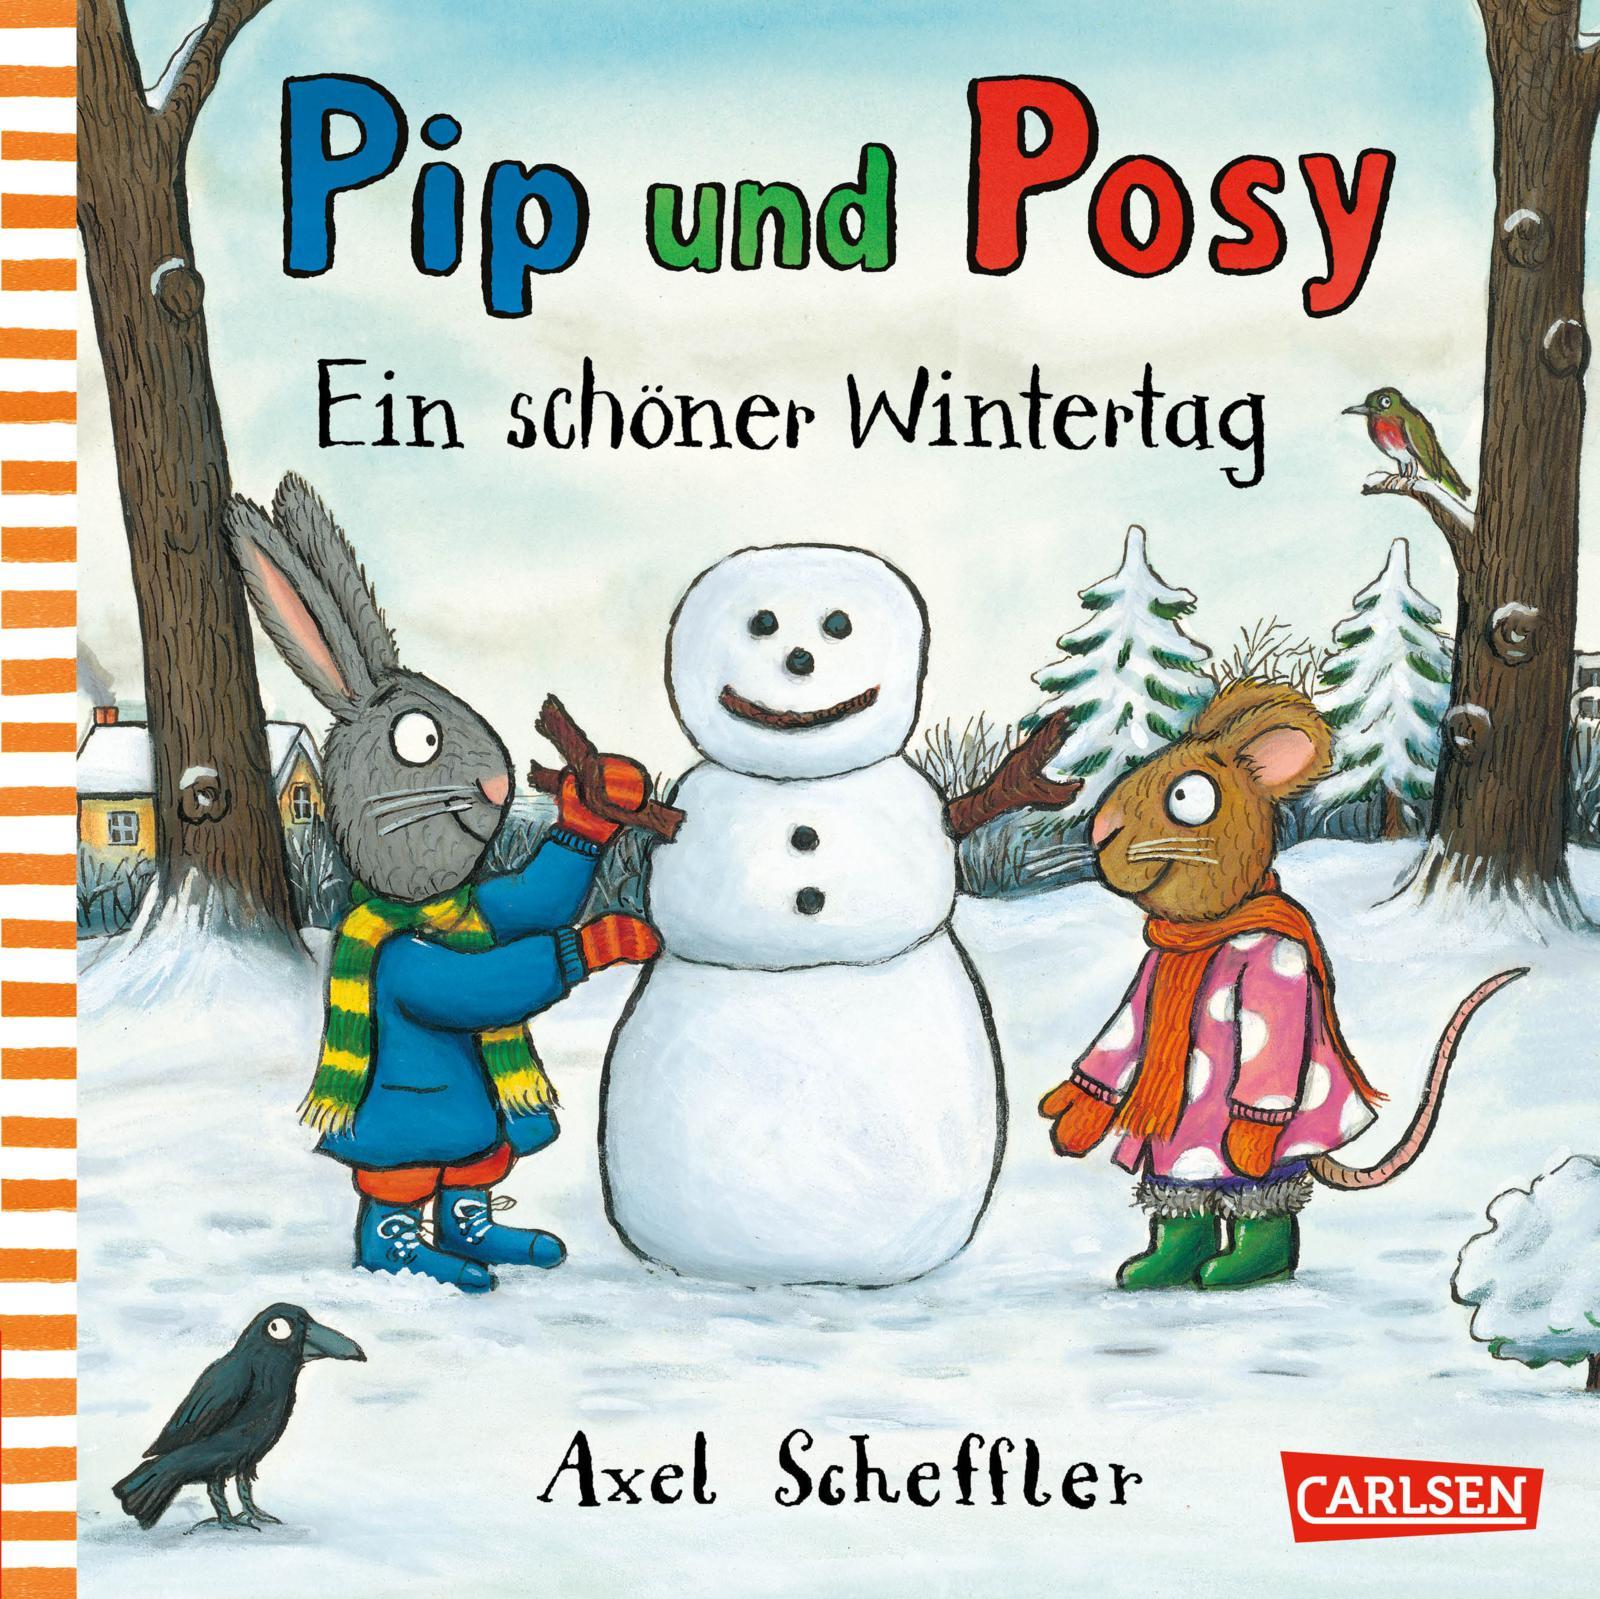 Pip und Posy – Ein schöner Wintertag